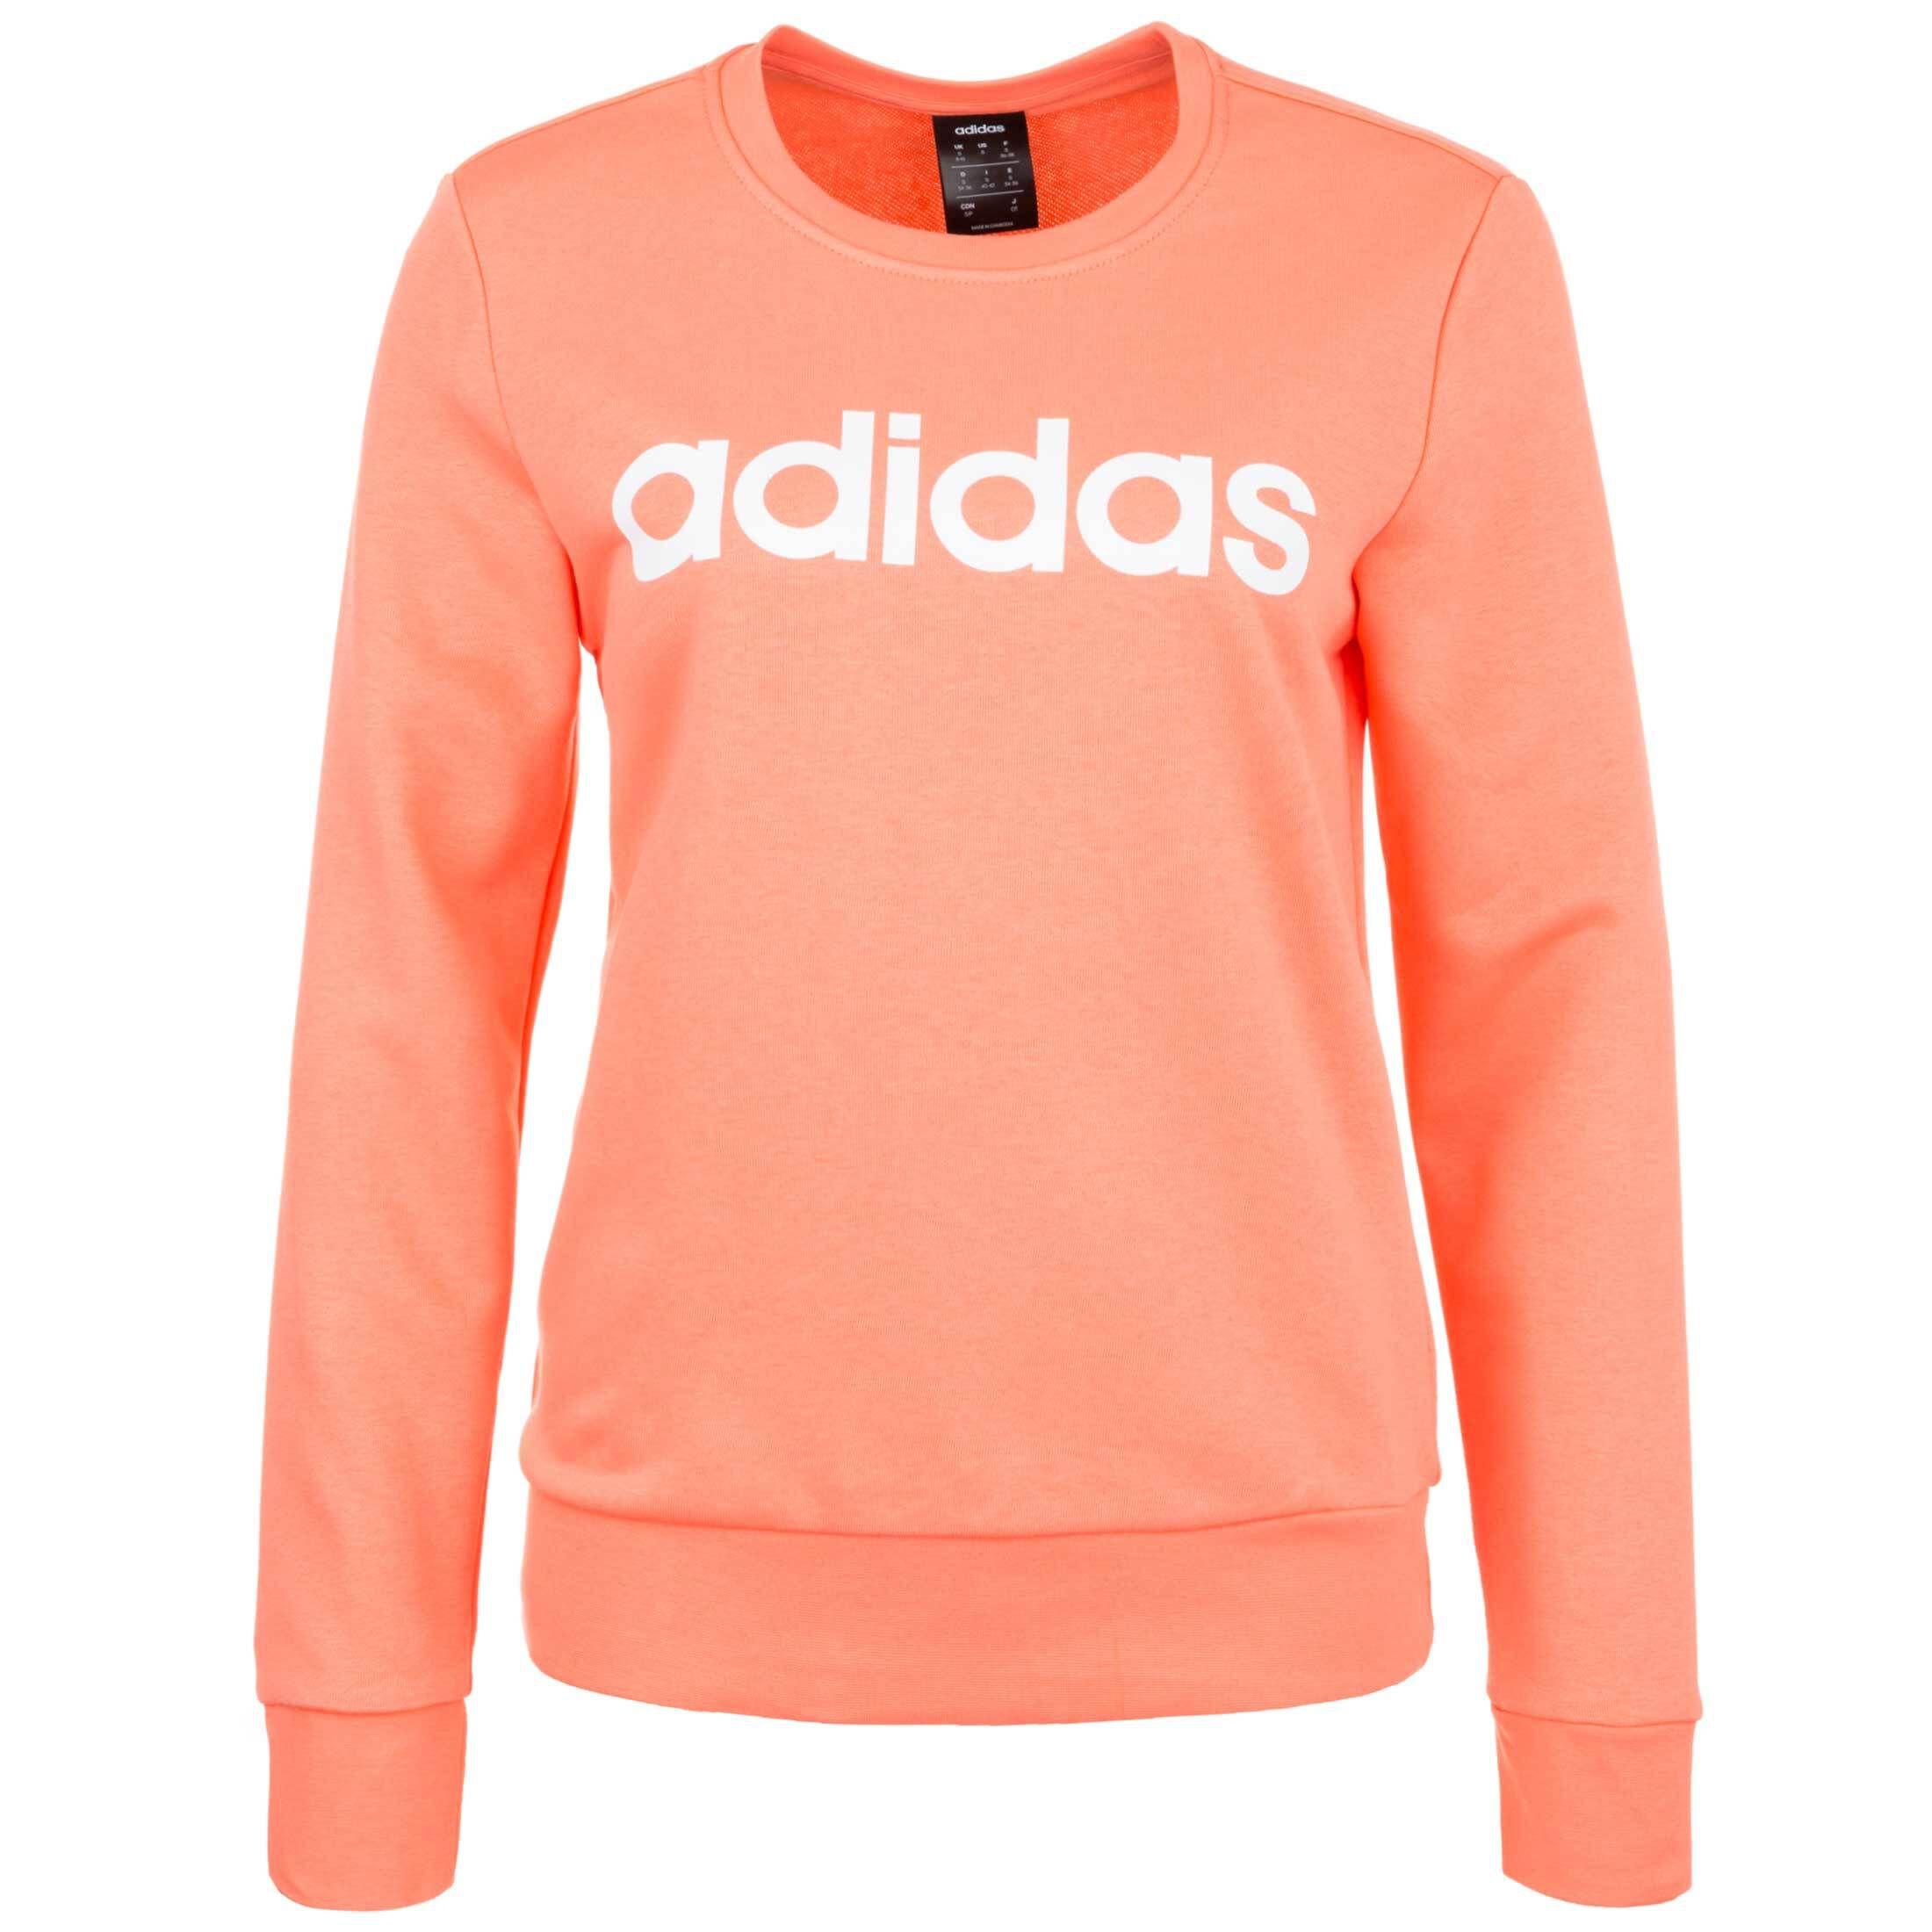 Adidas Kleidung online kaufen   adidas Essential Linear